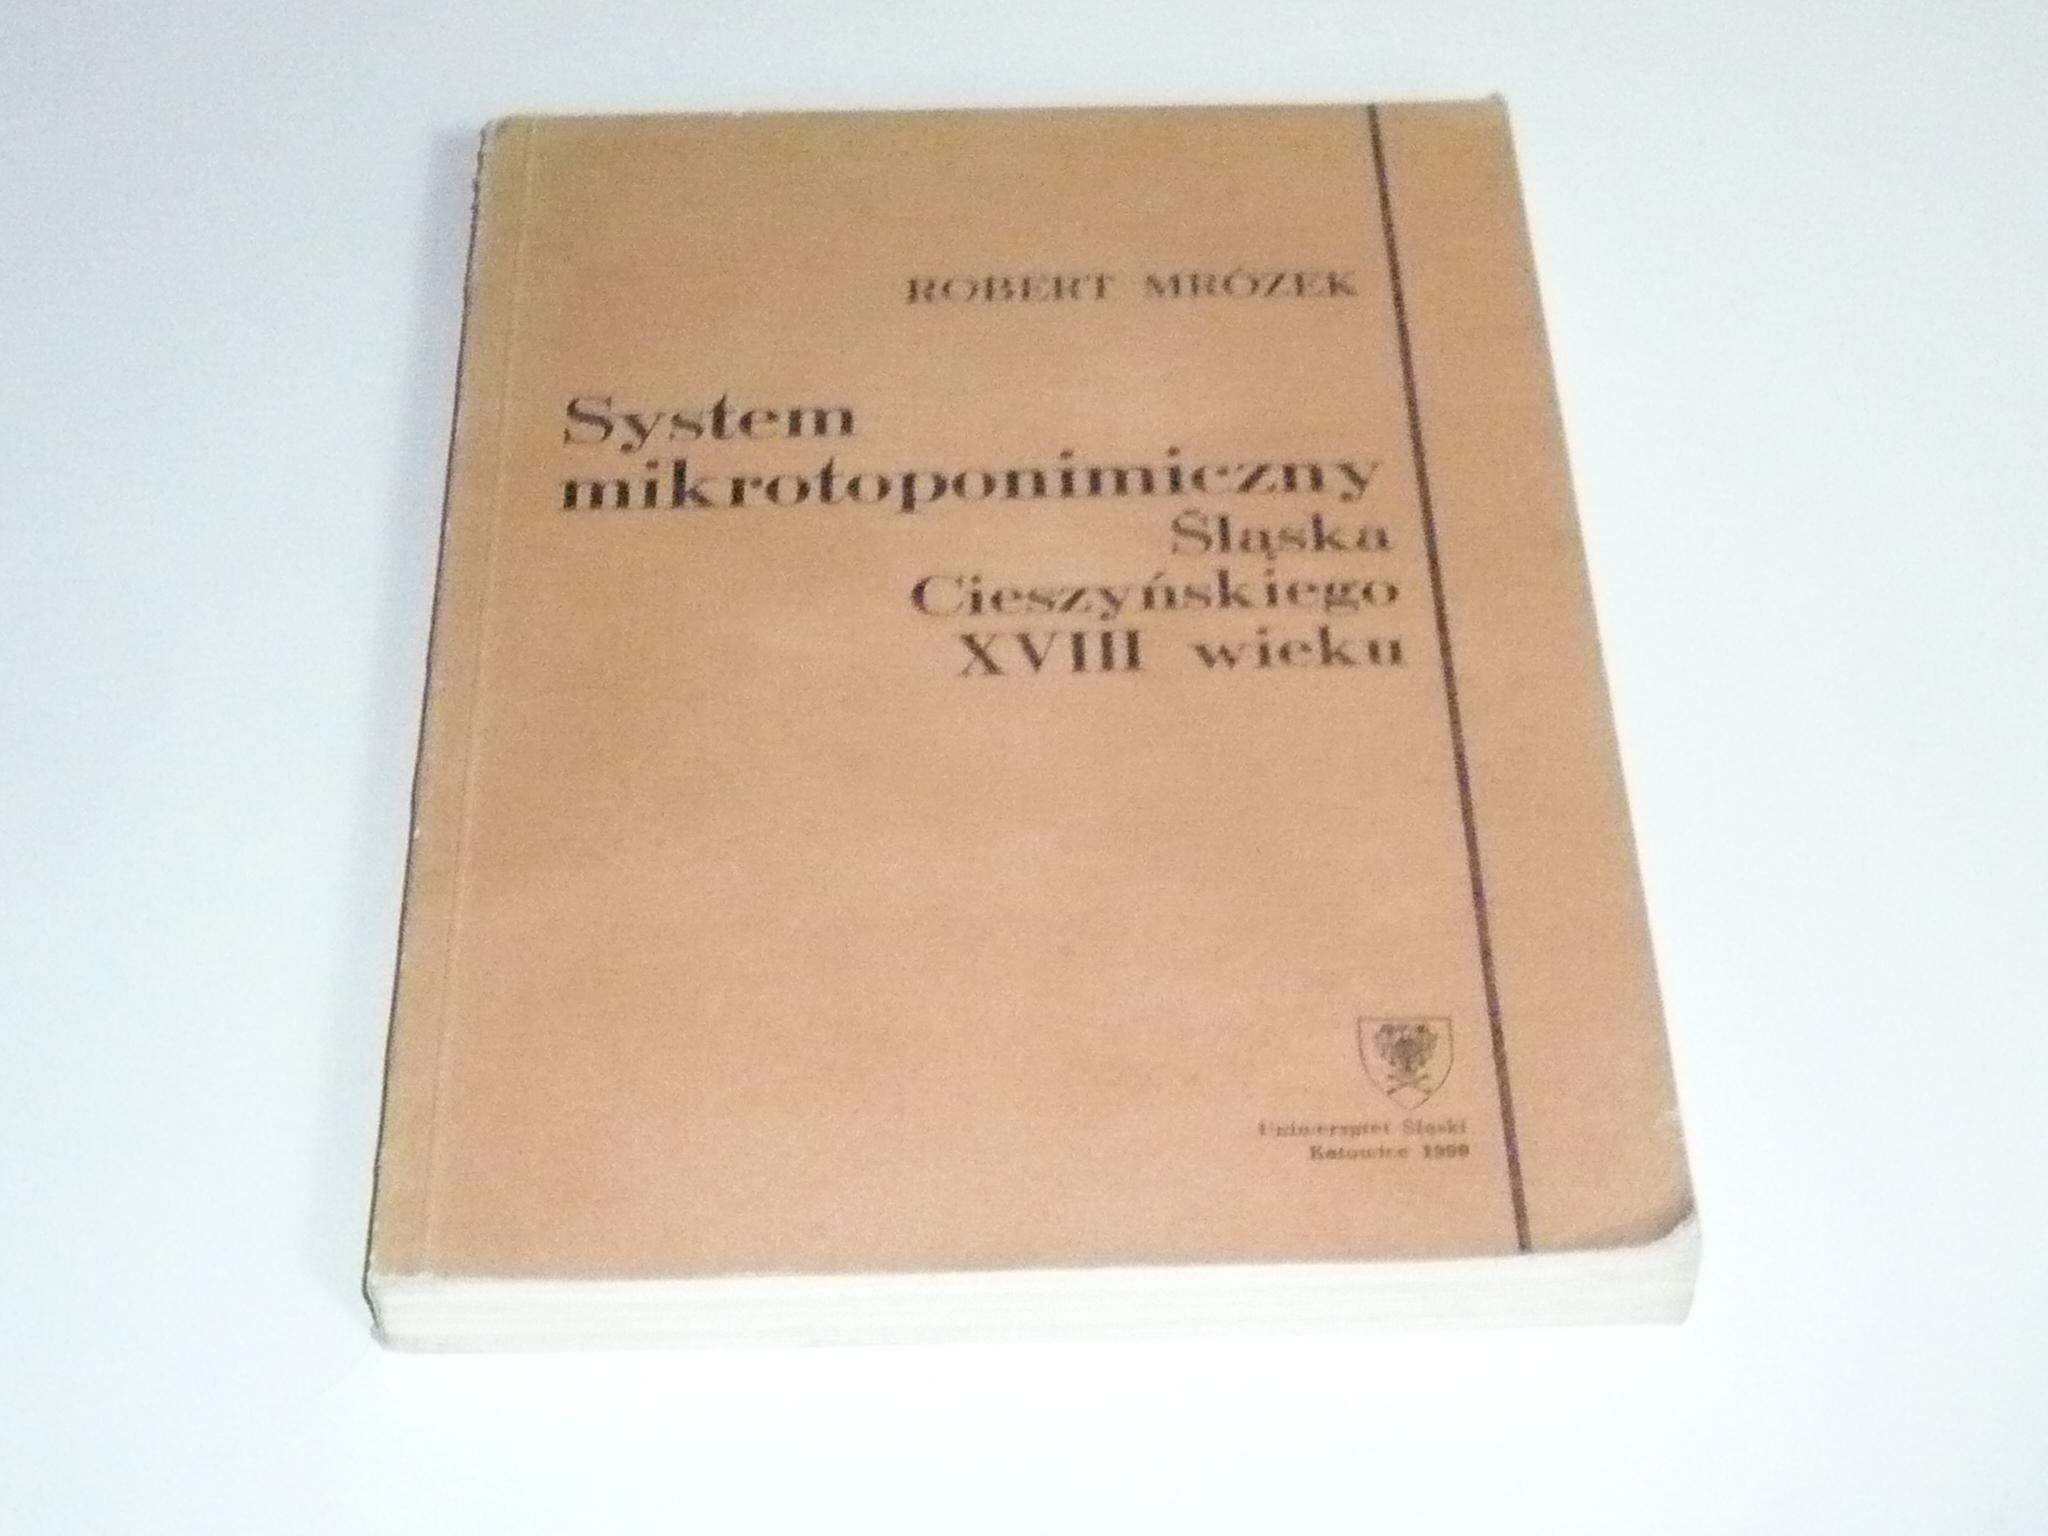 System Mikrotoponimiczny śląska Cieszyńskiego Xvii